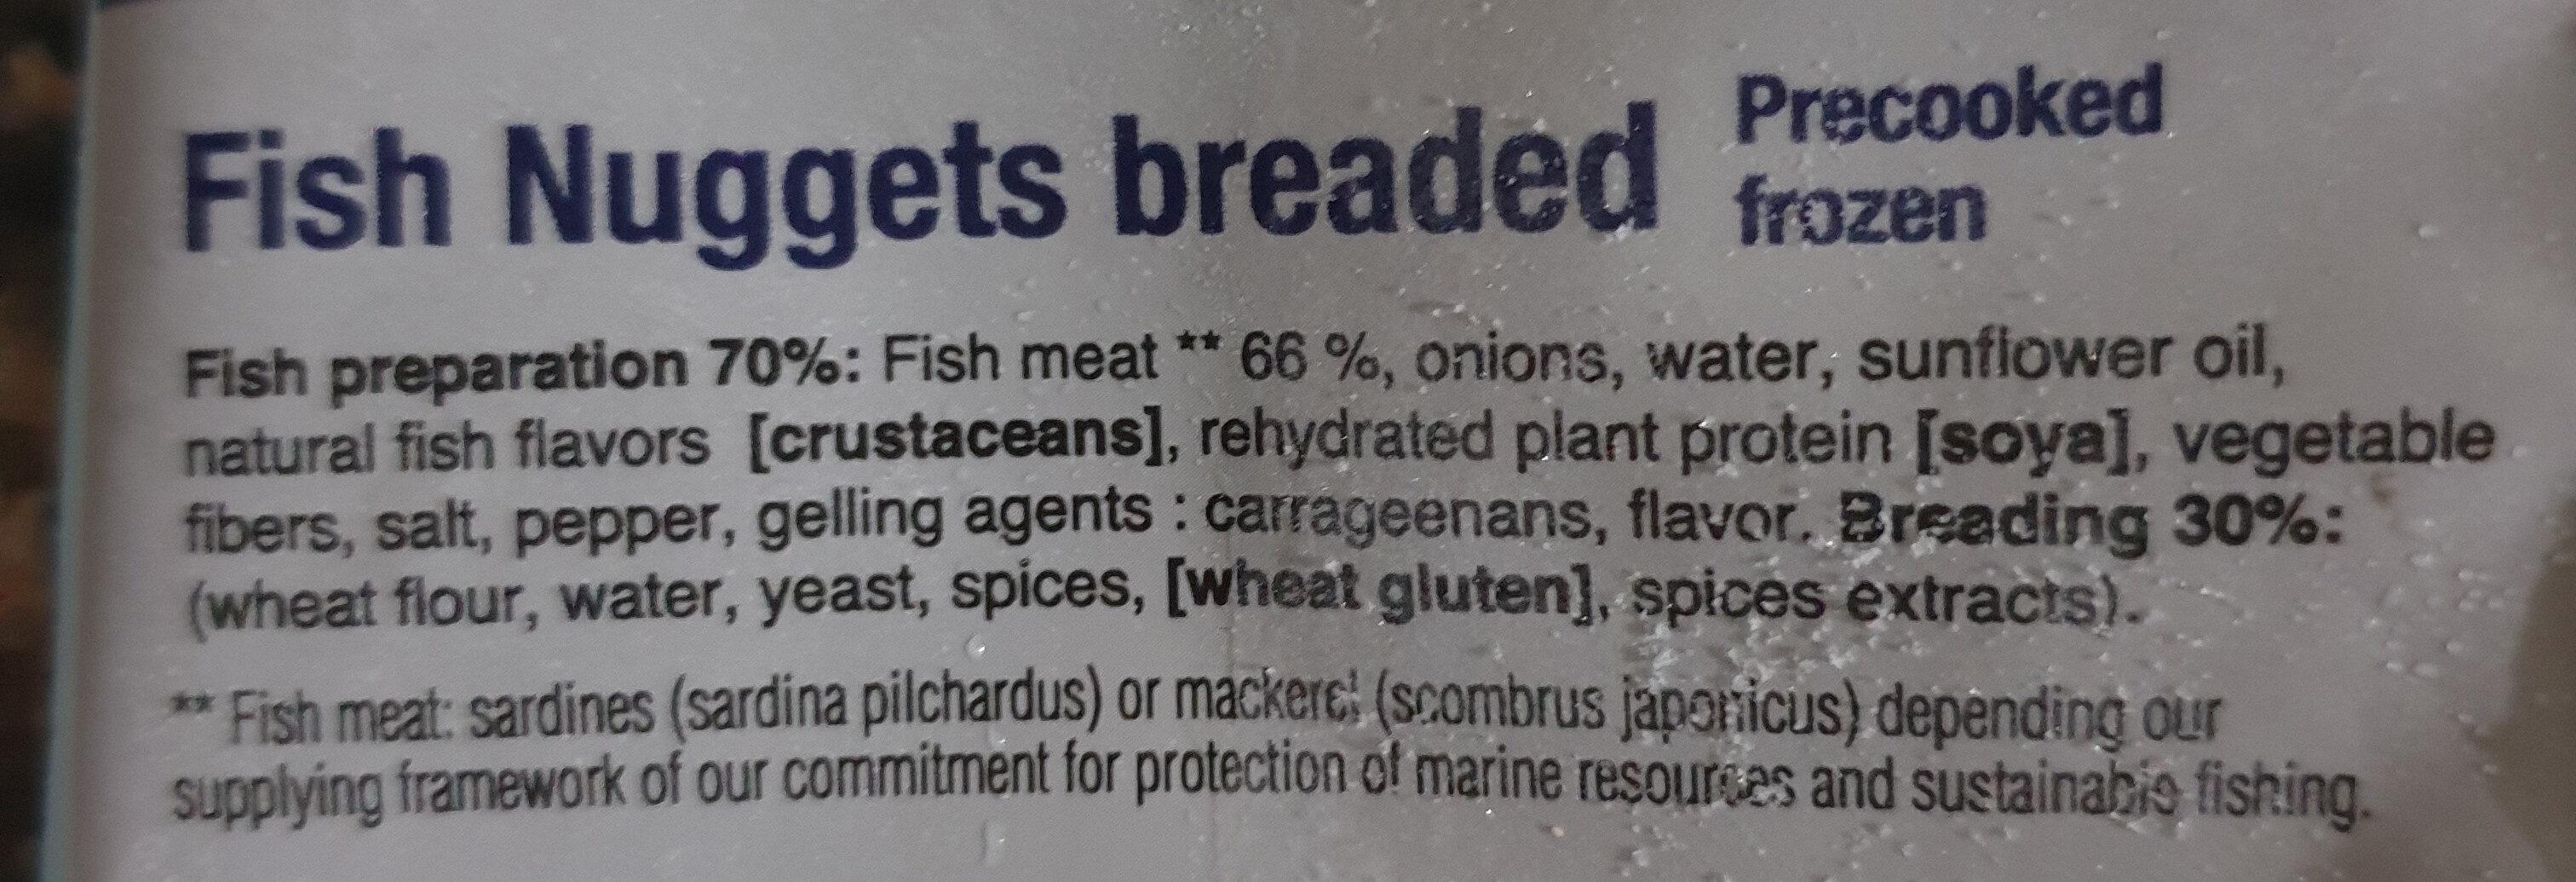 Nuggets de poisson panés - Ingrediënten - fr